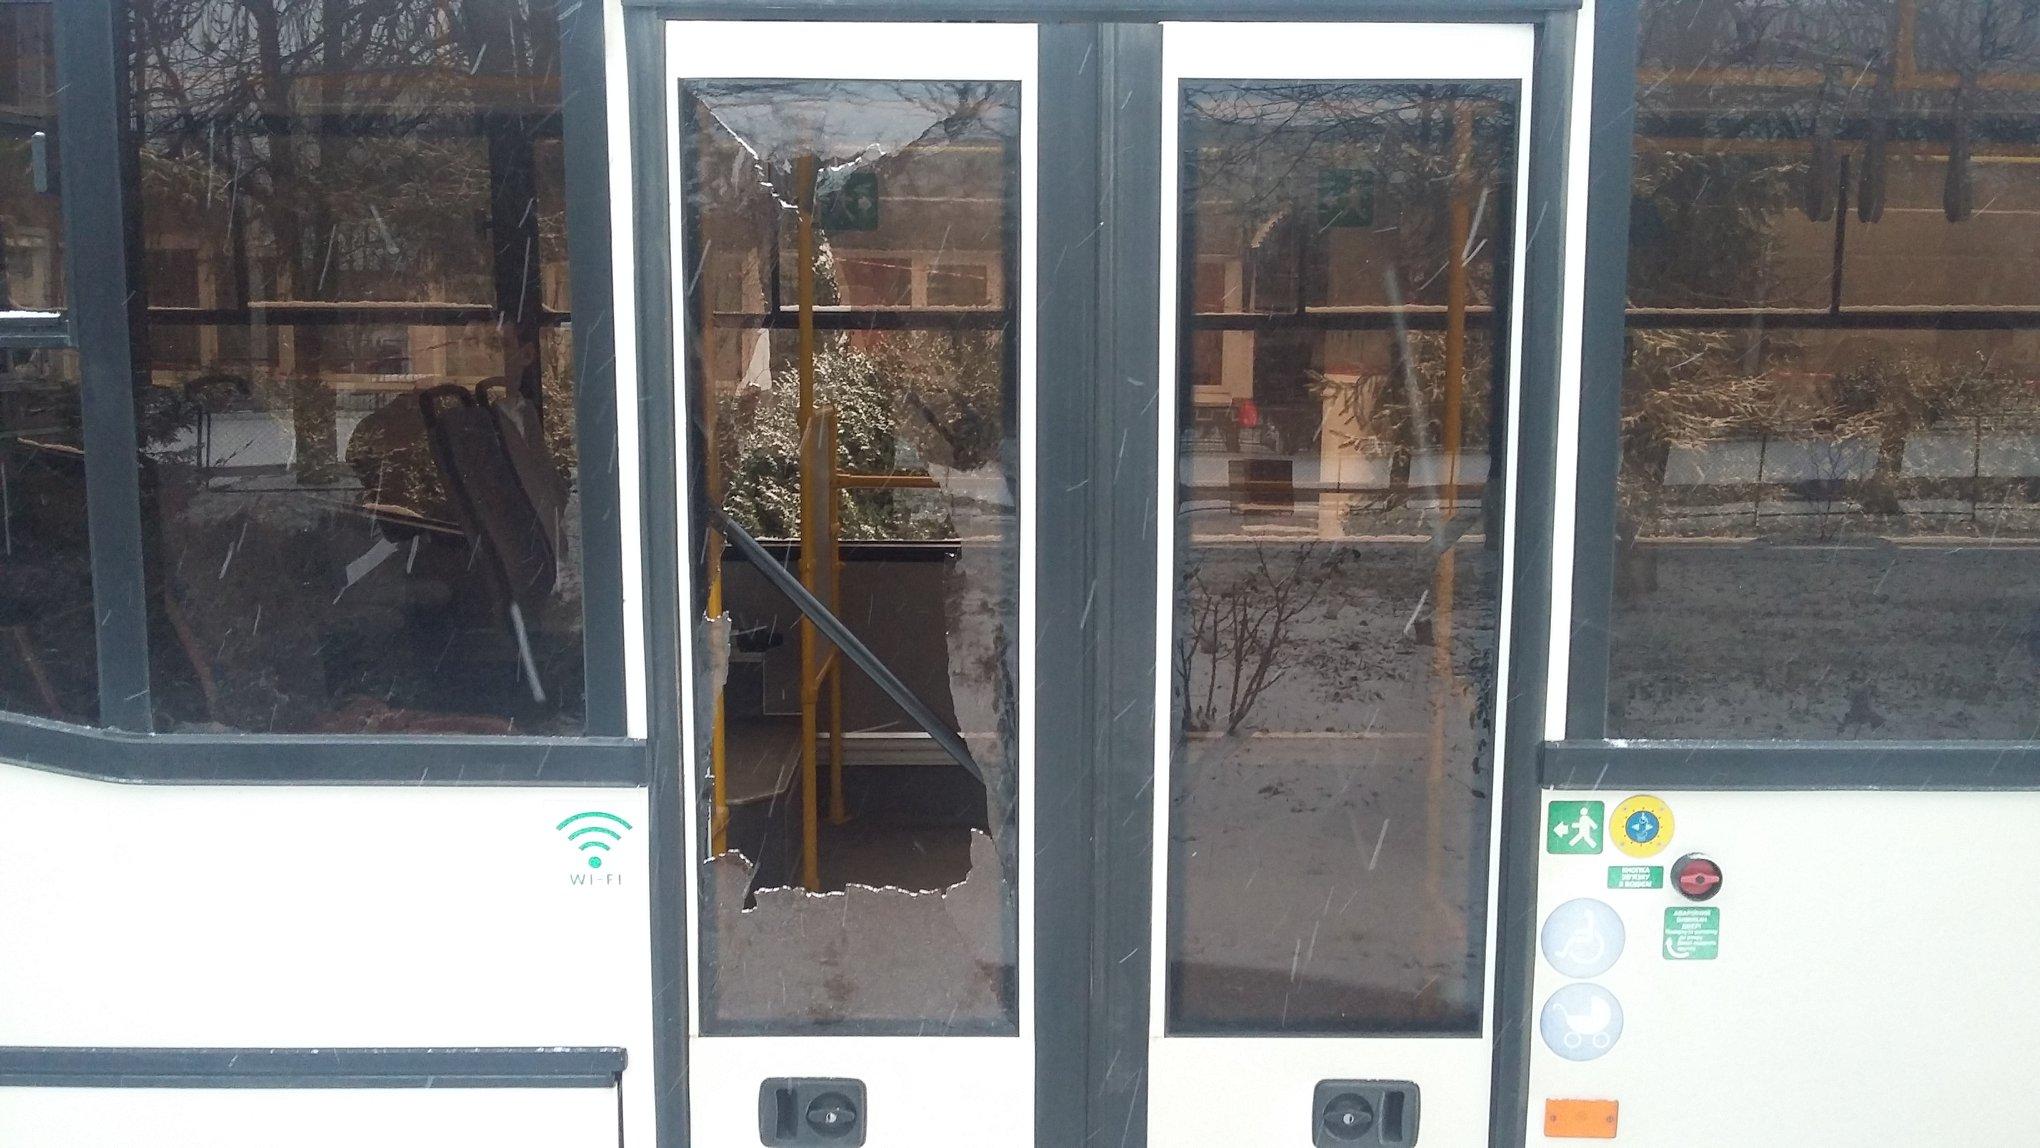 Без Купюр У Кропивницькому розбили скло в тролейбусі, який рухався по маршруту №9. ФОТО Життя  тролейбус побите скло Кропивницький